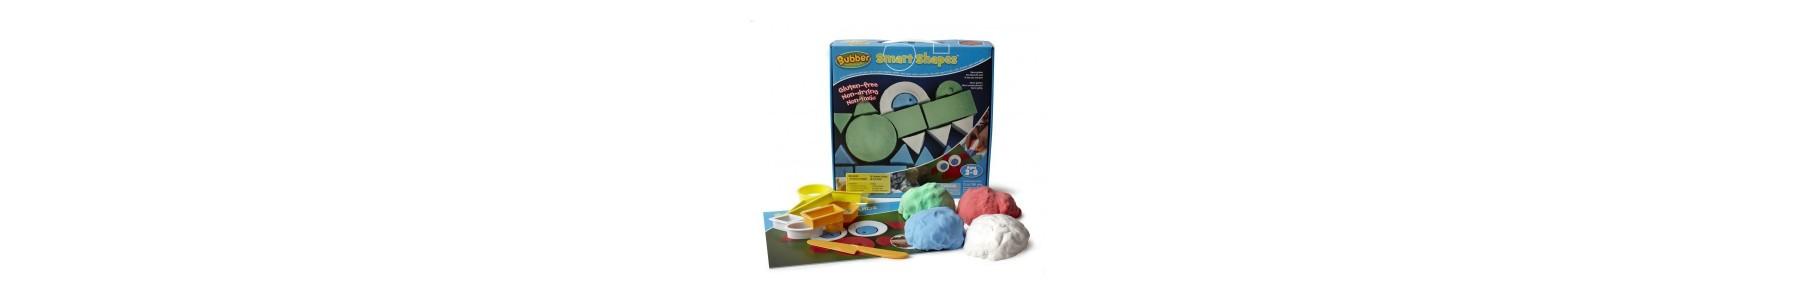 Spielsand kaufen - leicht gemacht. Kinetic Sand – Bubber u.v.m.